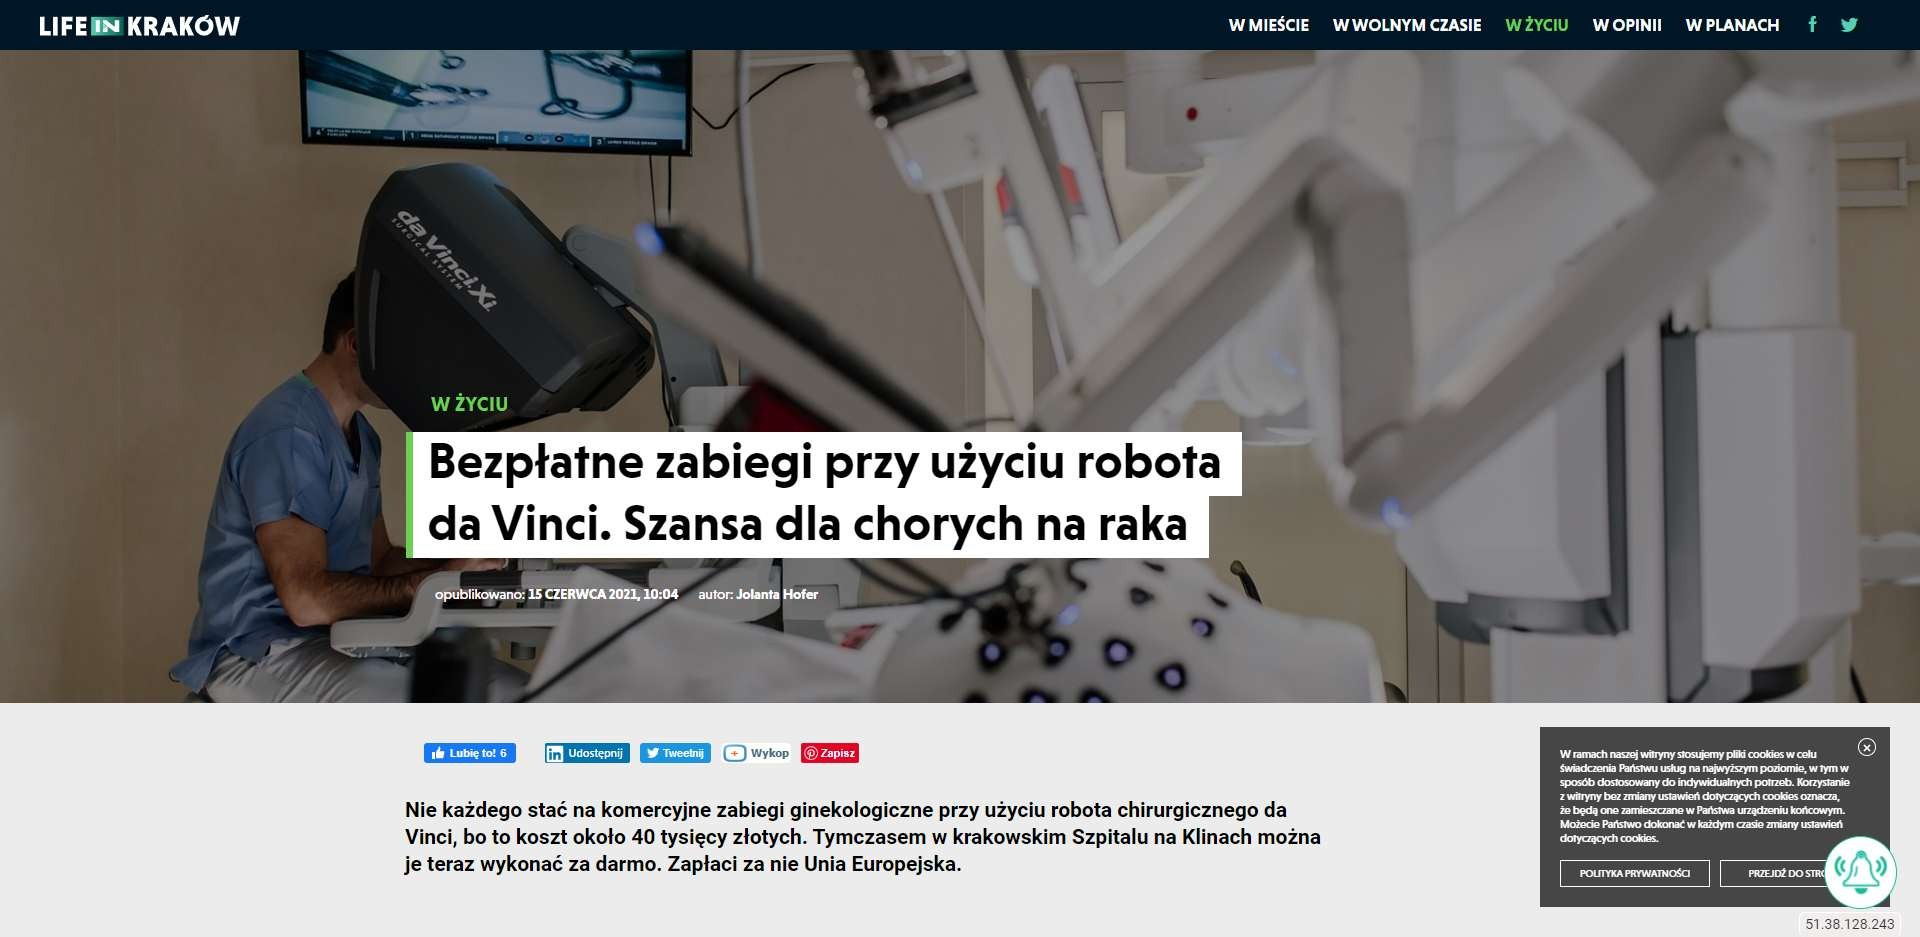 bezplatne zabiegi przy uzyciu robota da vinci szansa dla chorych na raka